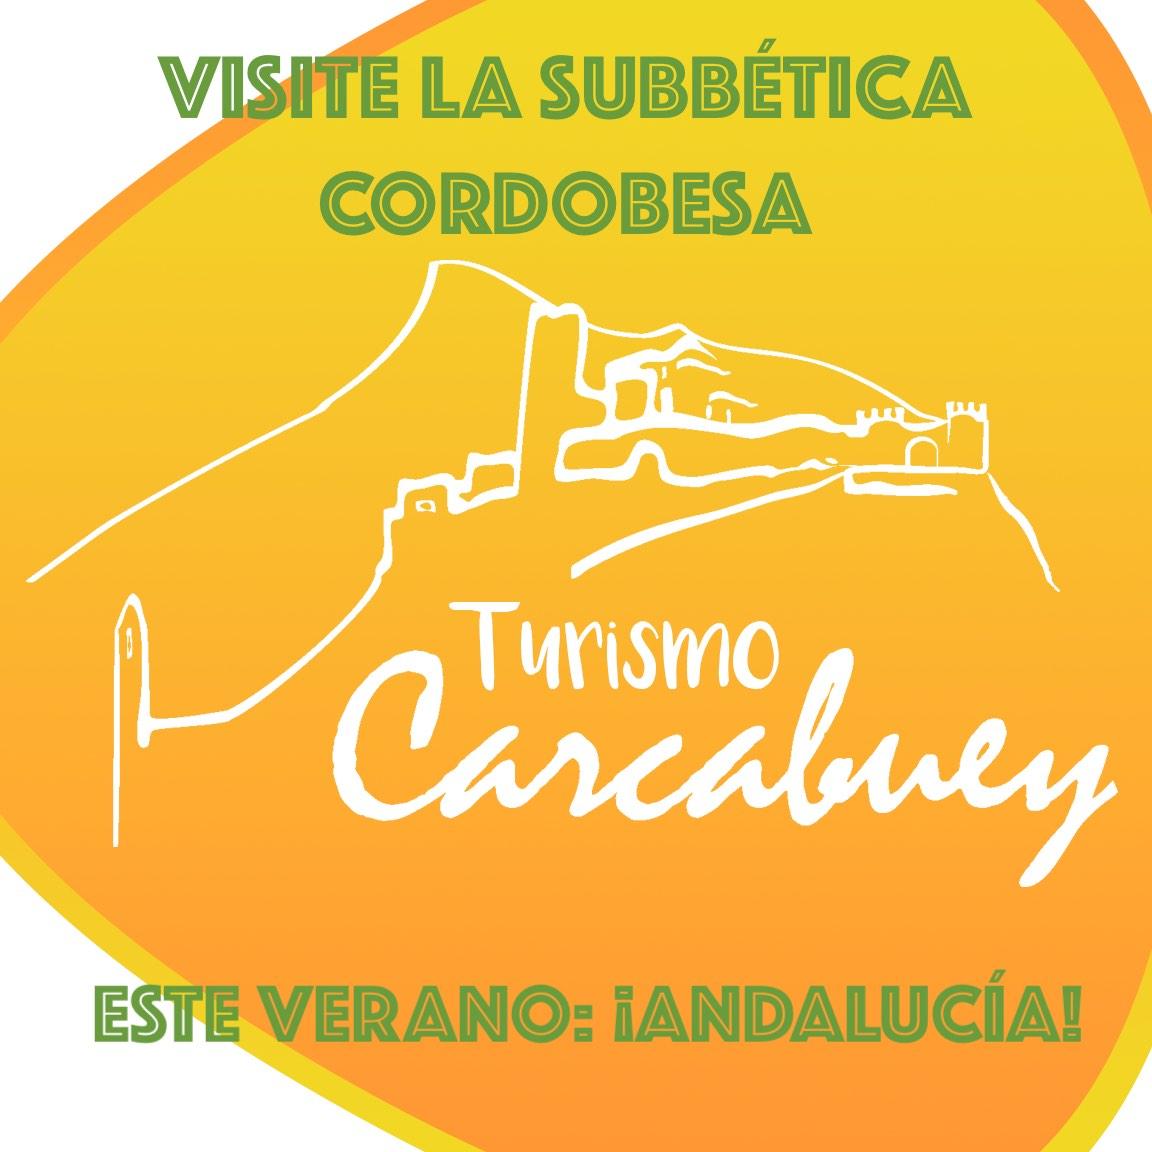 Visite Carcabuey, Subbética Cordobesa